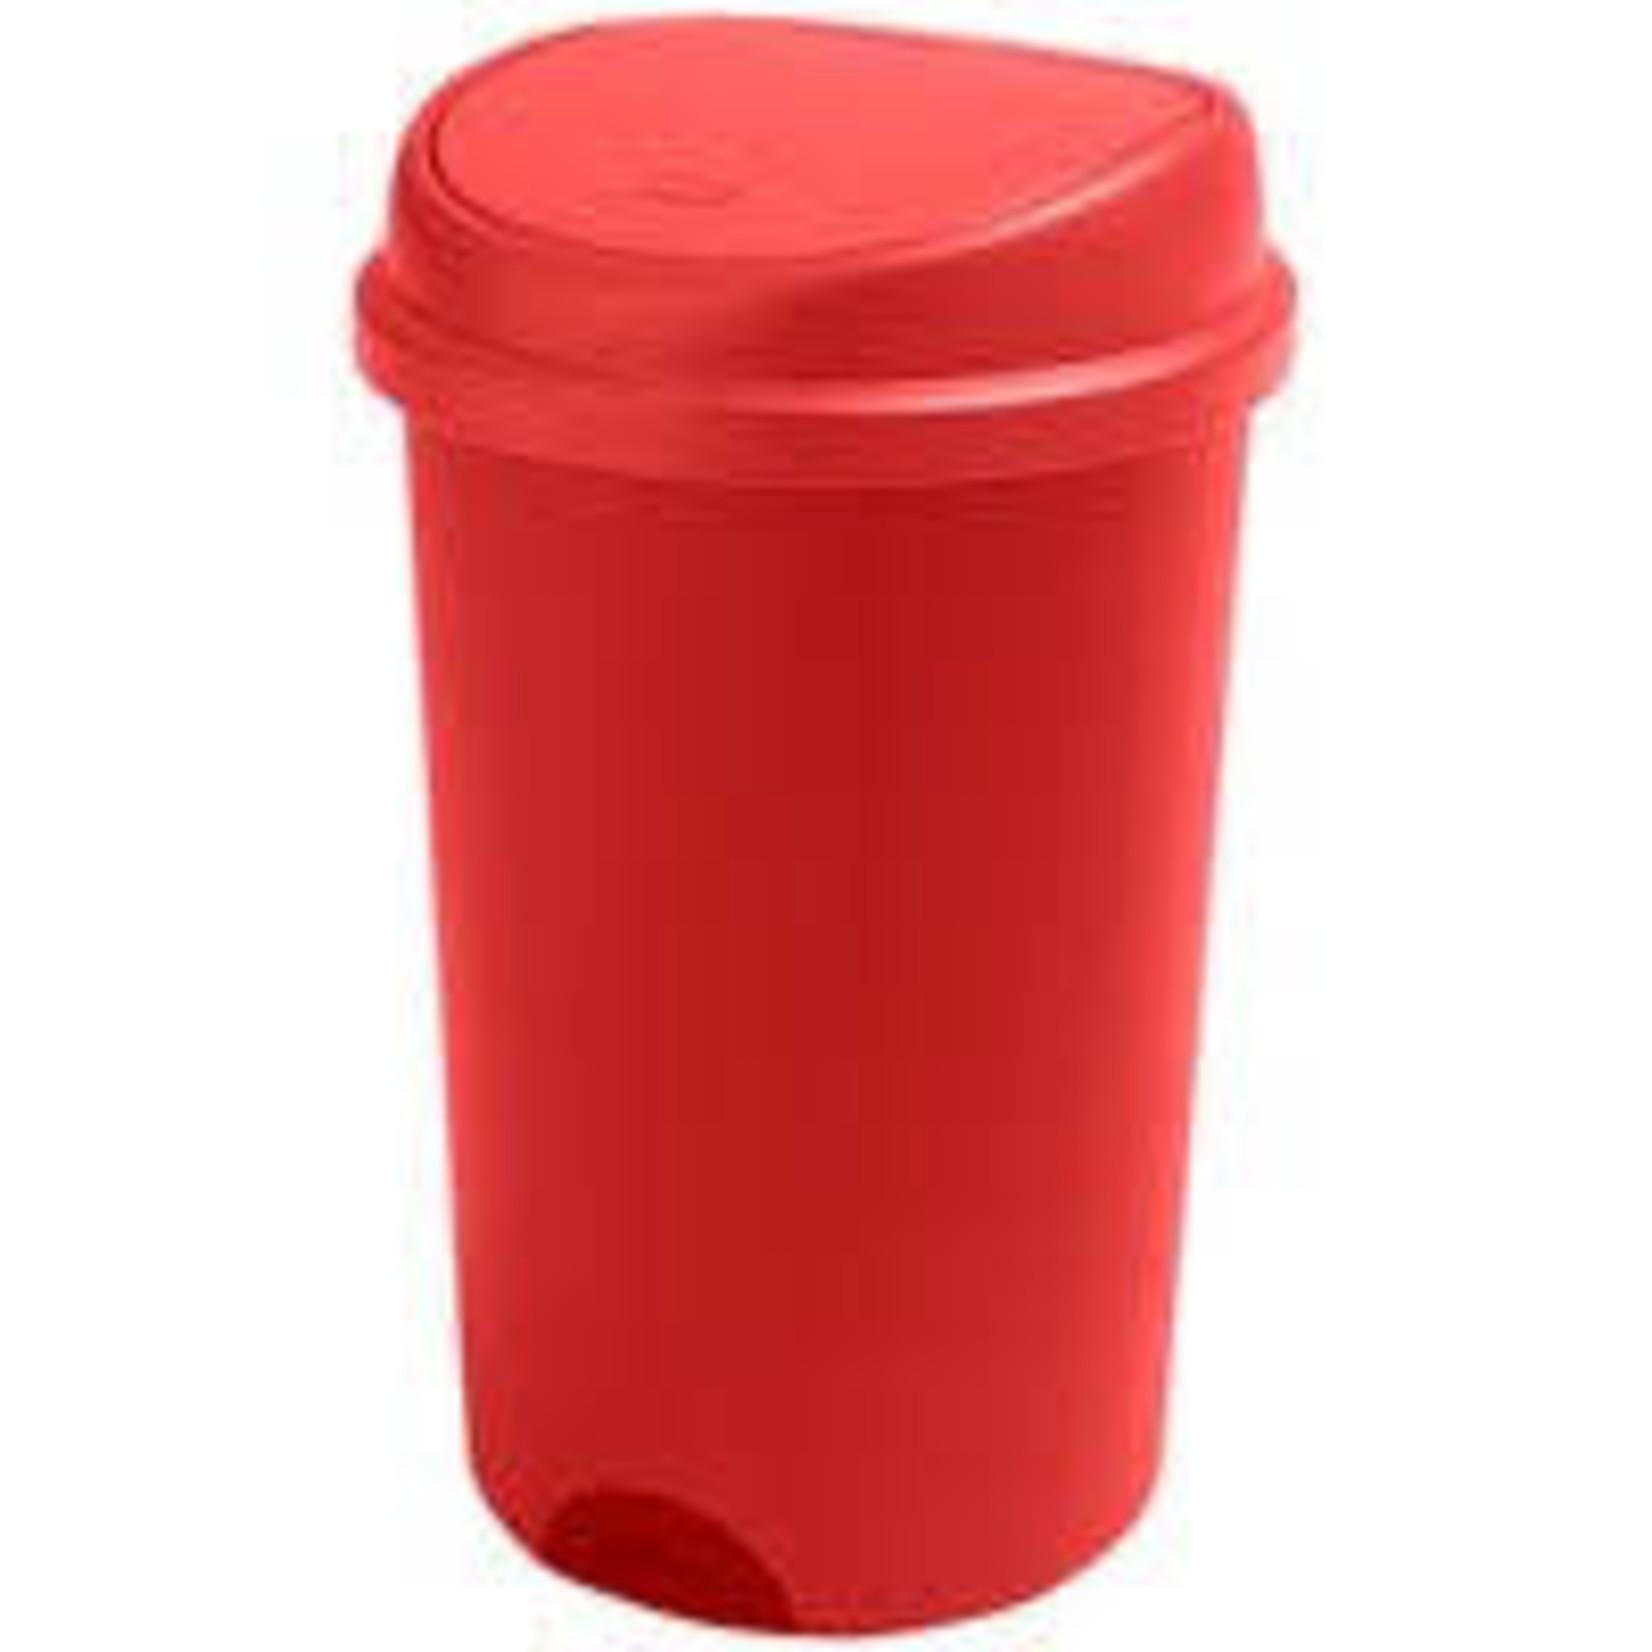 Addis ADDIS 50L PRESS TOP PLASTIC BIN ROASTED RED